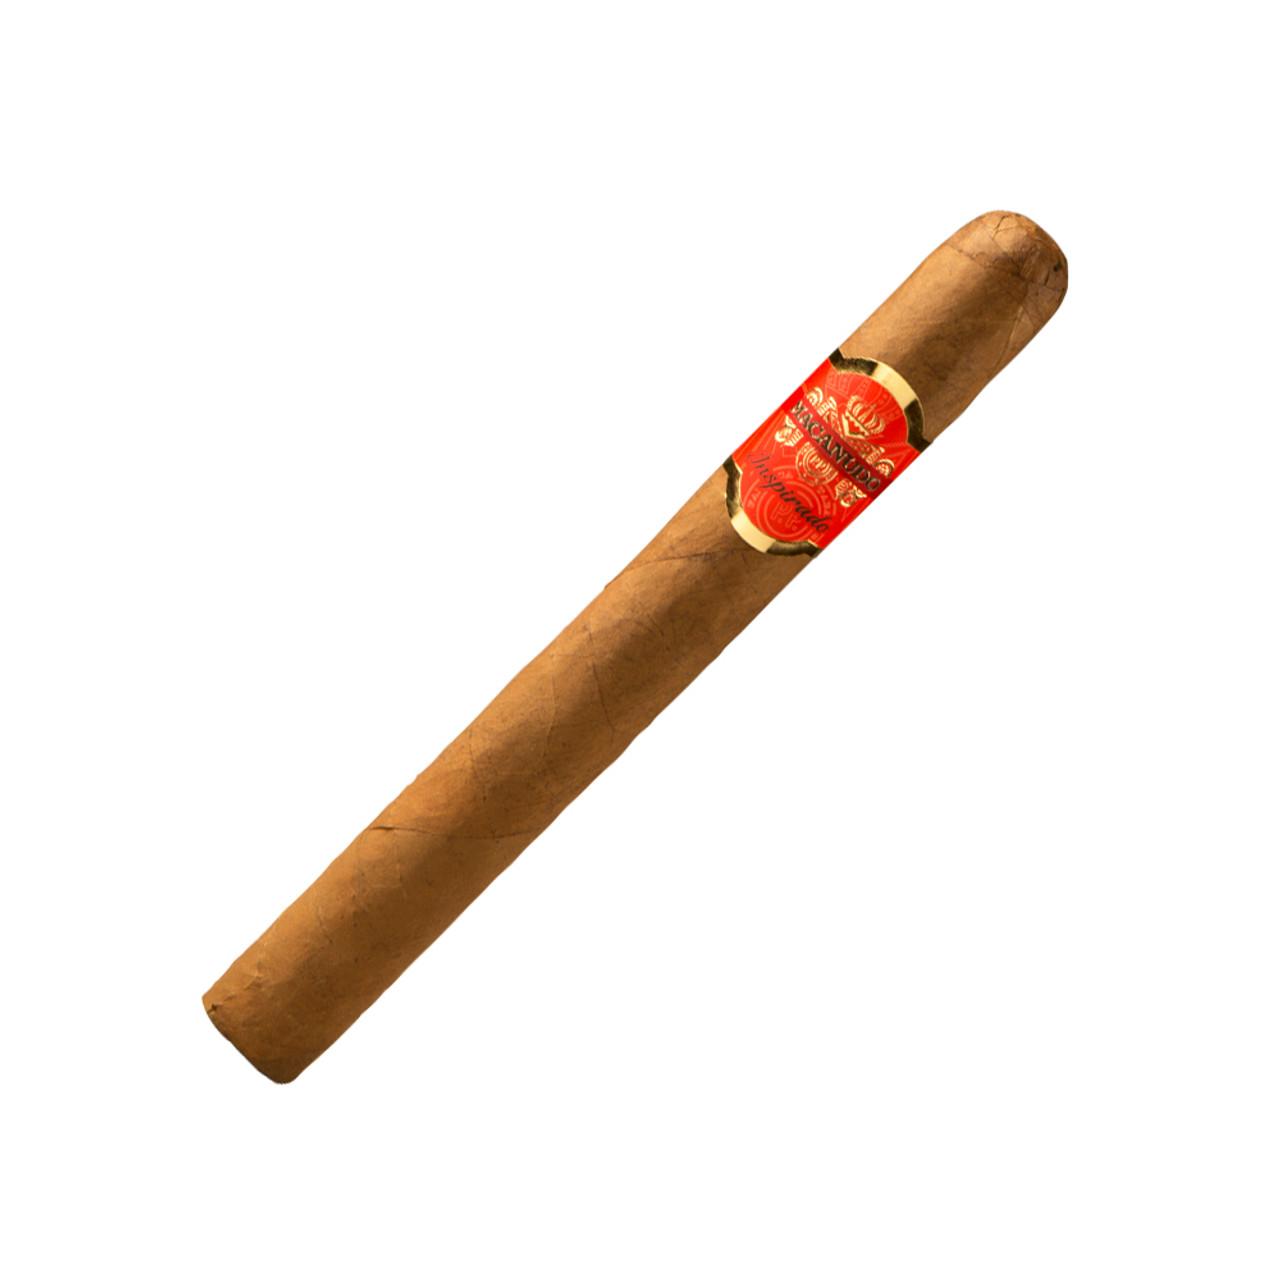 Macanudo Inspirado Orange Churchill Cigars - 7 x 50 (Box of 20)